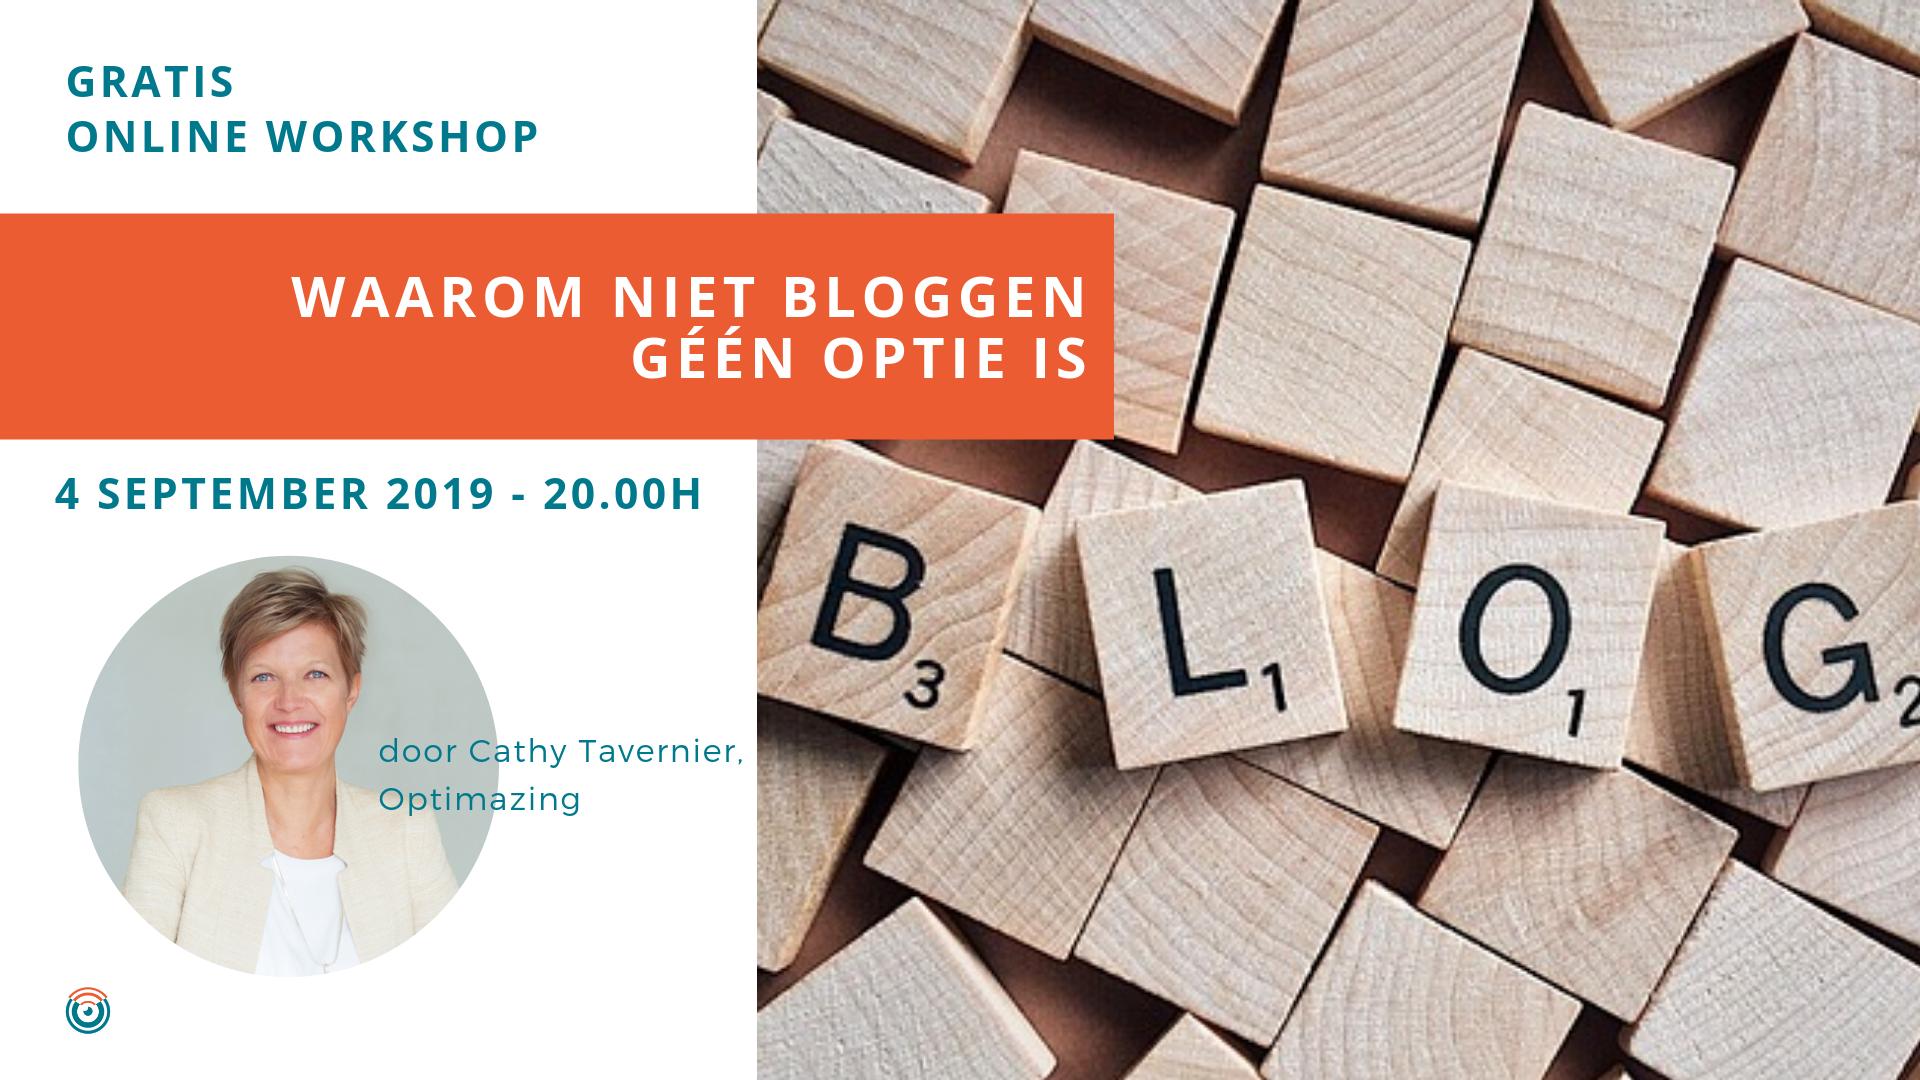 Waarom niet bloggen geen optie is - webinar 4 september 2019 - gratis online workshop